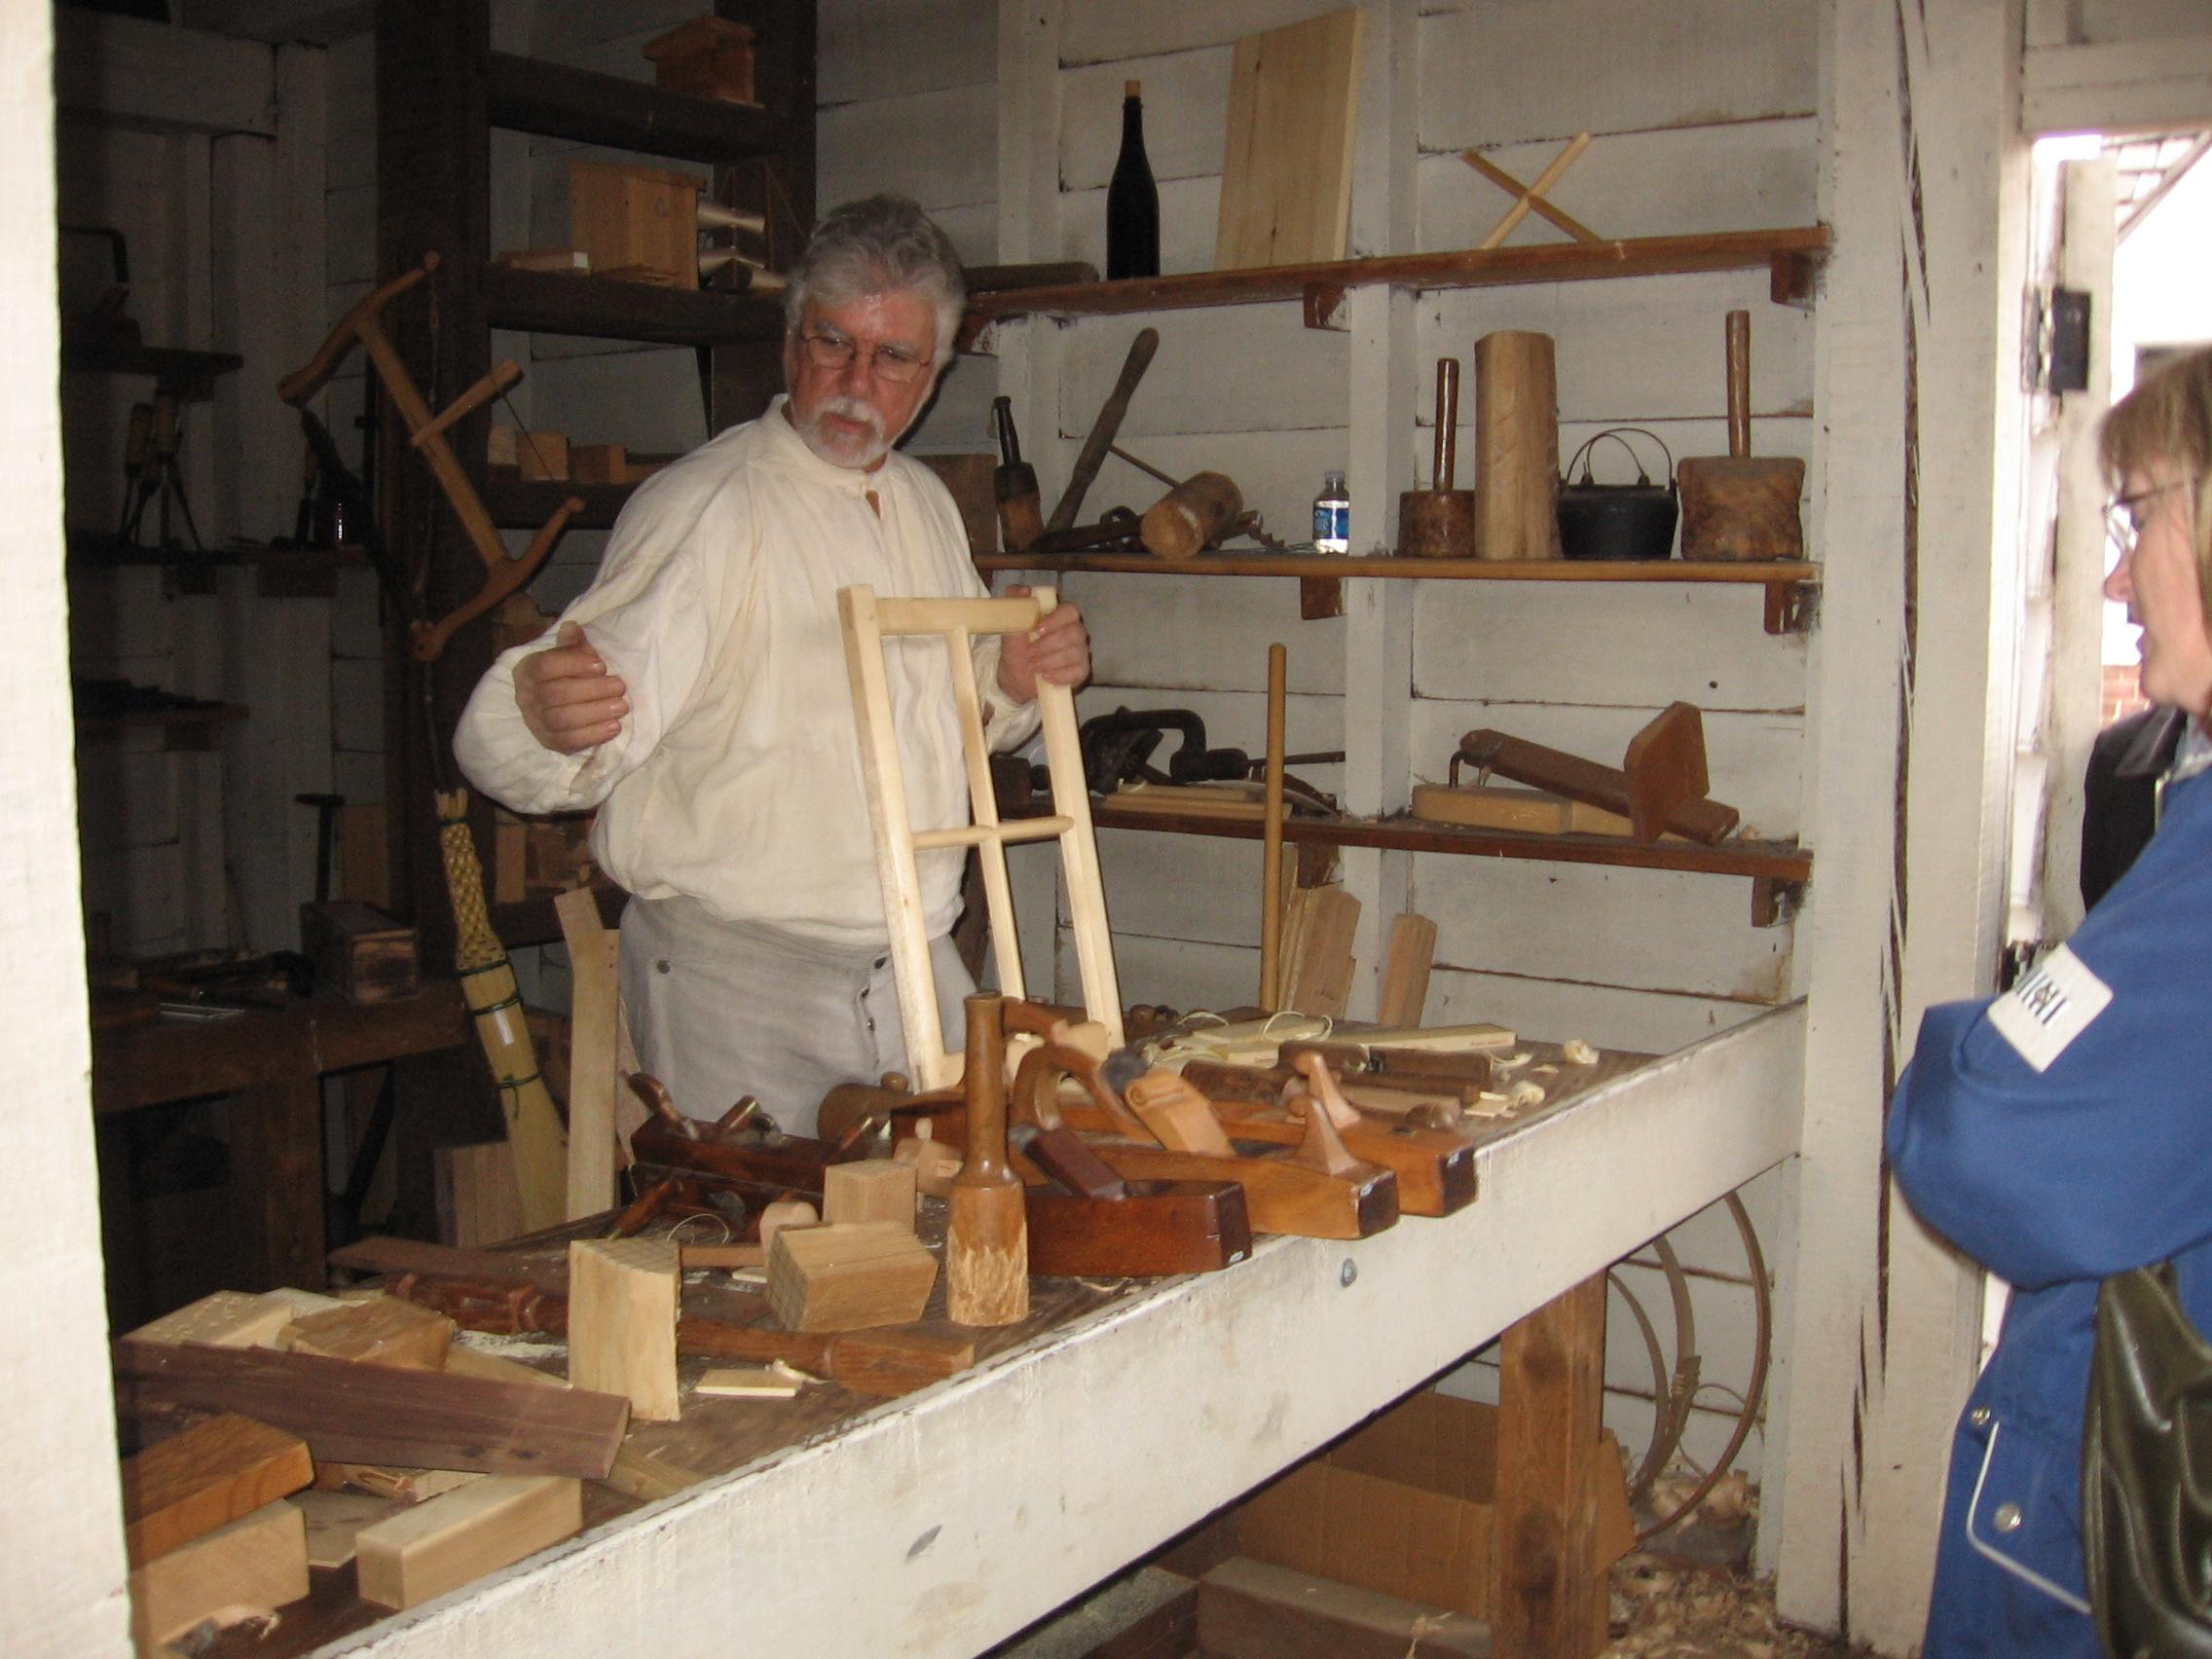 volunteer demonstrates woodworking